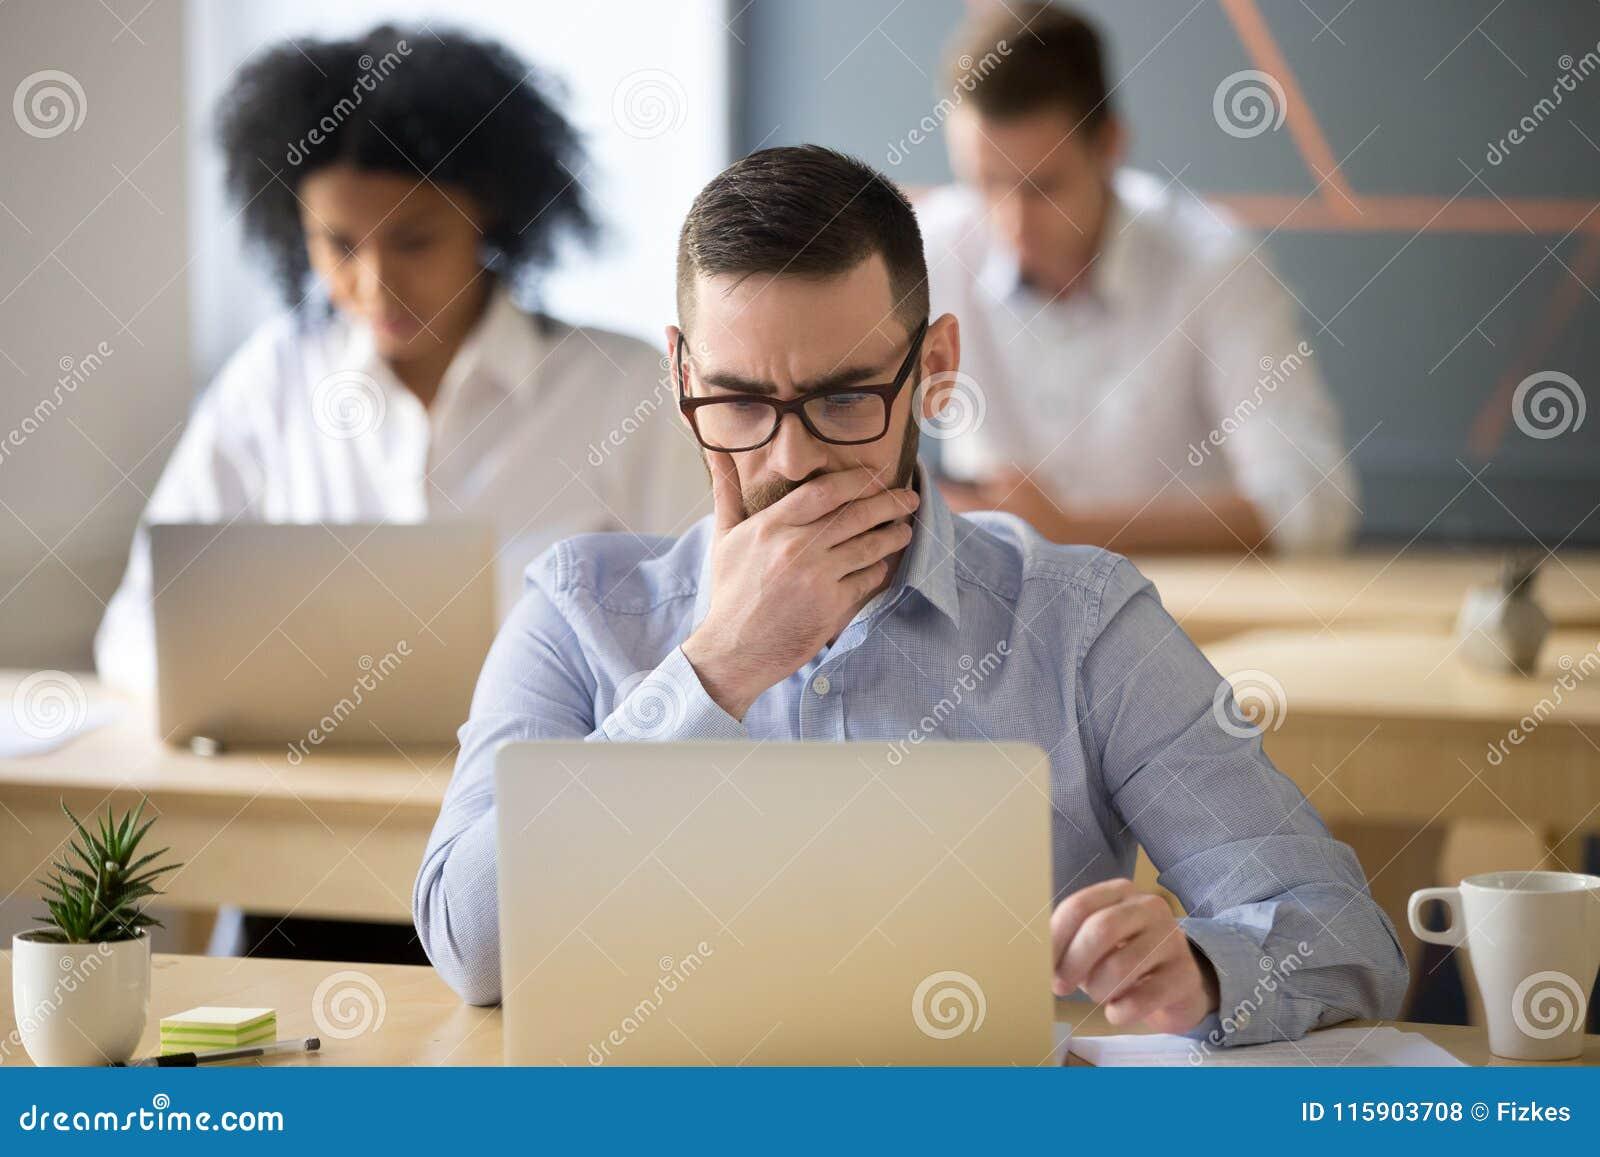 Hombre de negocios enfocado que soluciona el problema en línea que trabaja en el ordenador portátil adentro